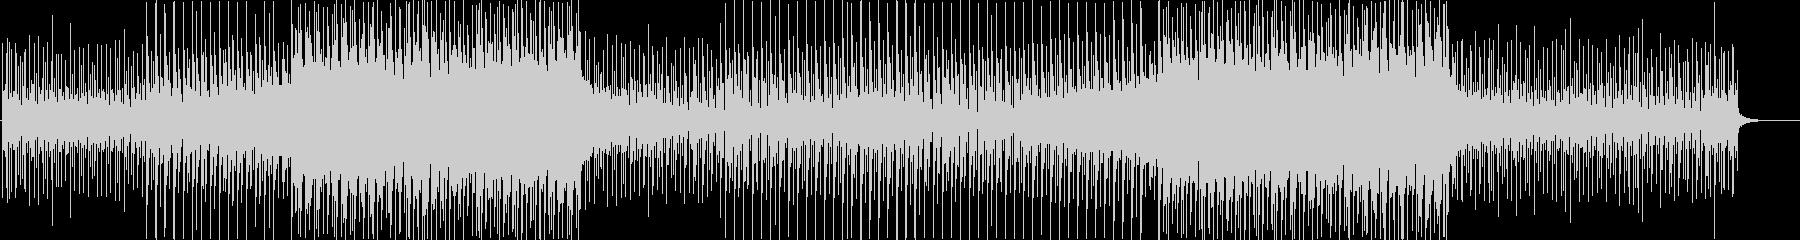 洋楽感のある夏らしいトロピカルハウス4aの未再生の波形